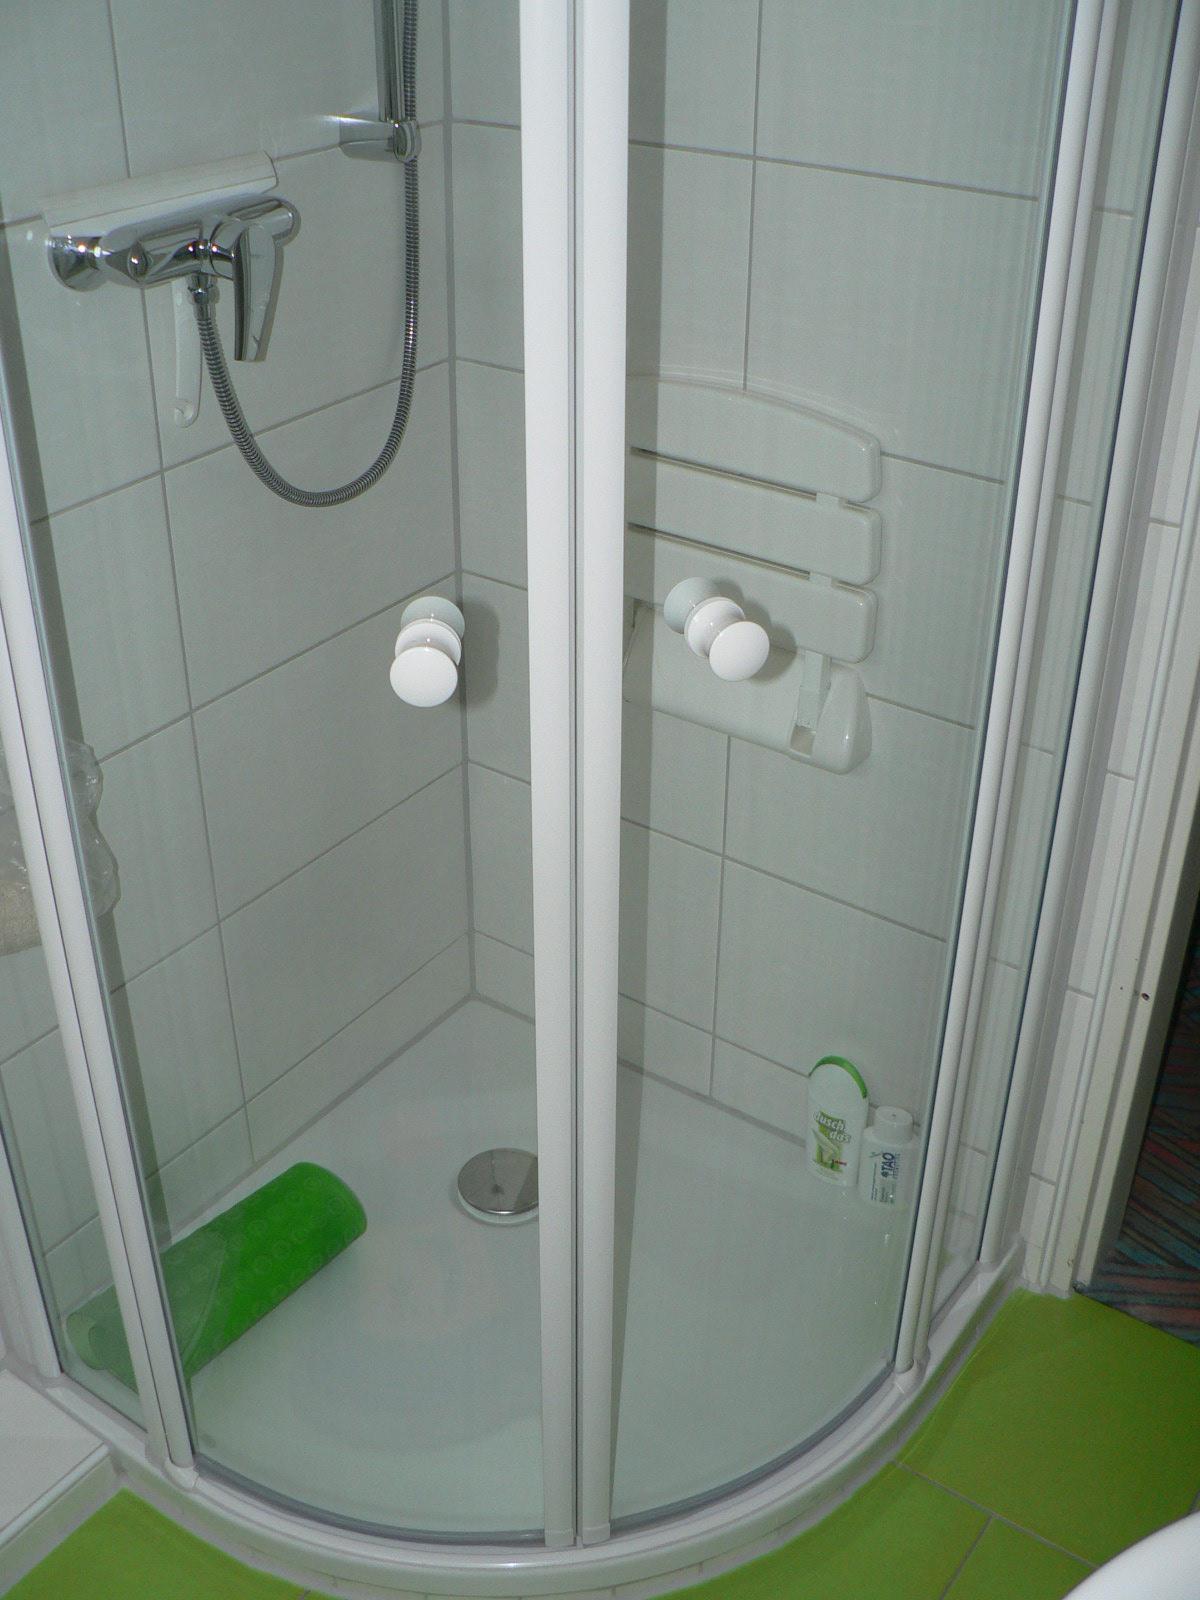 Gerd Nolte Heizung  Sanitr  Gste WC mit RundDusche